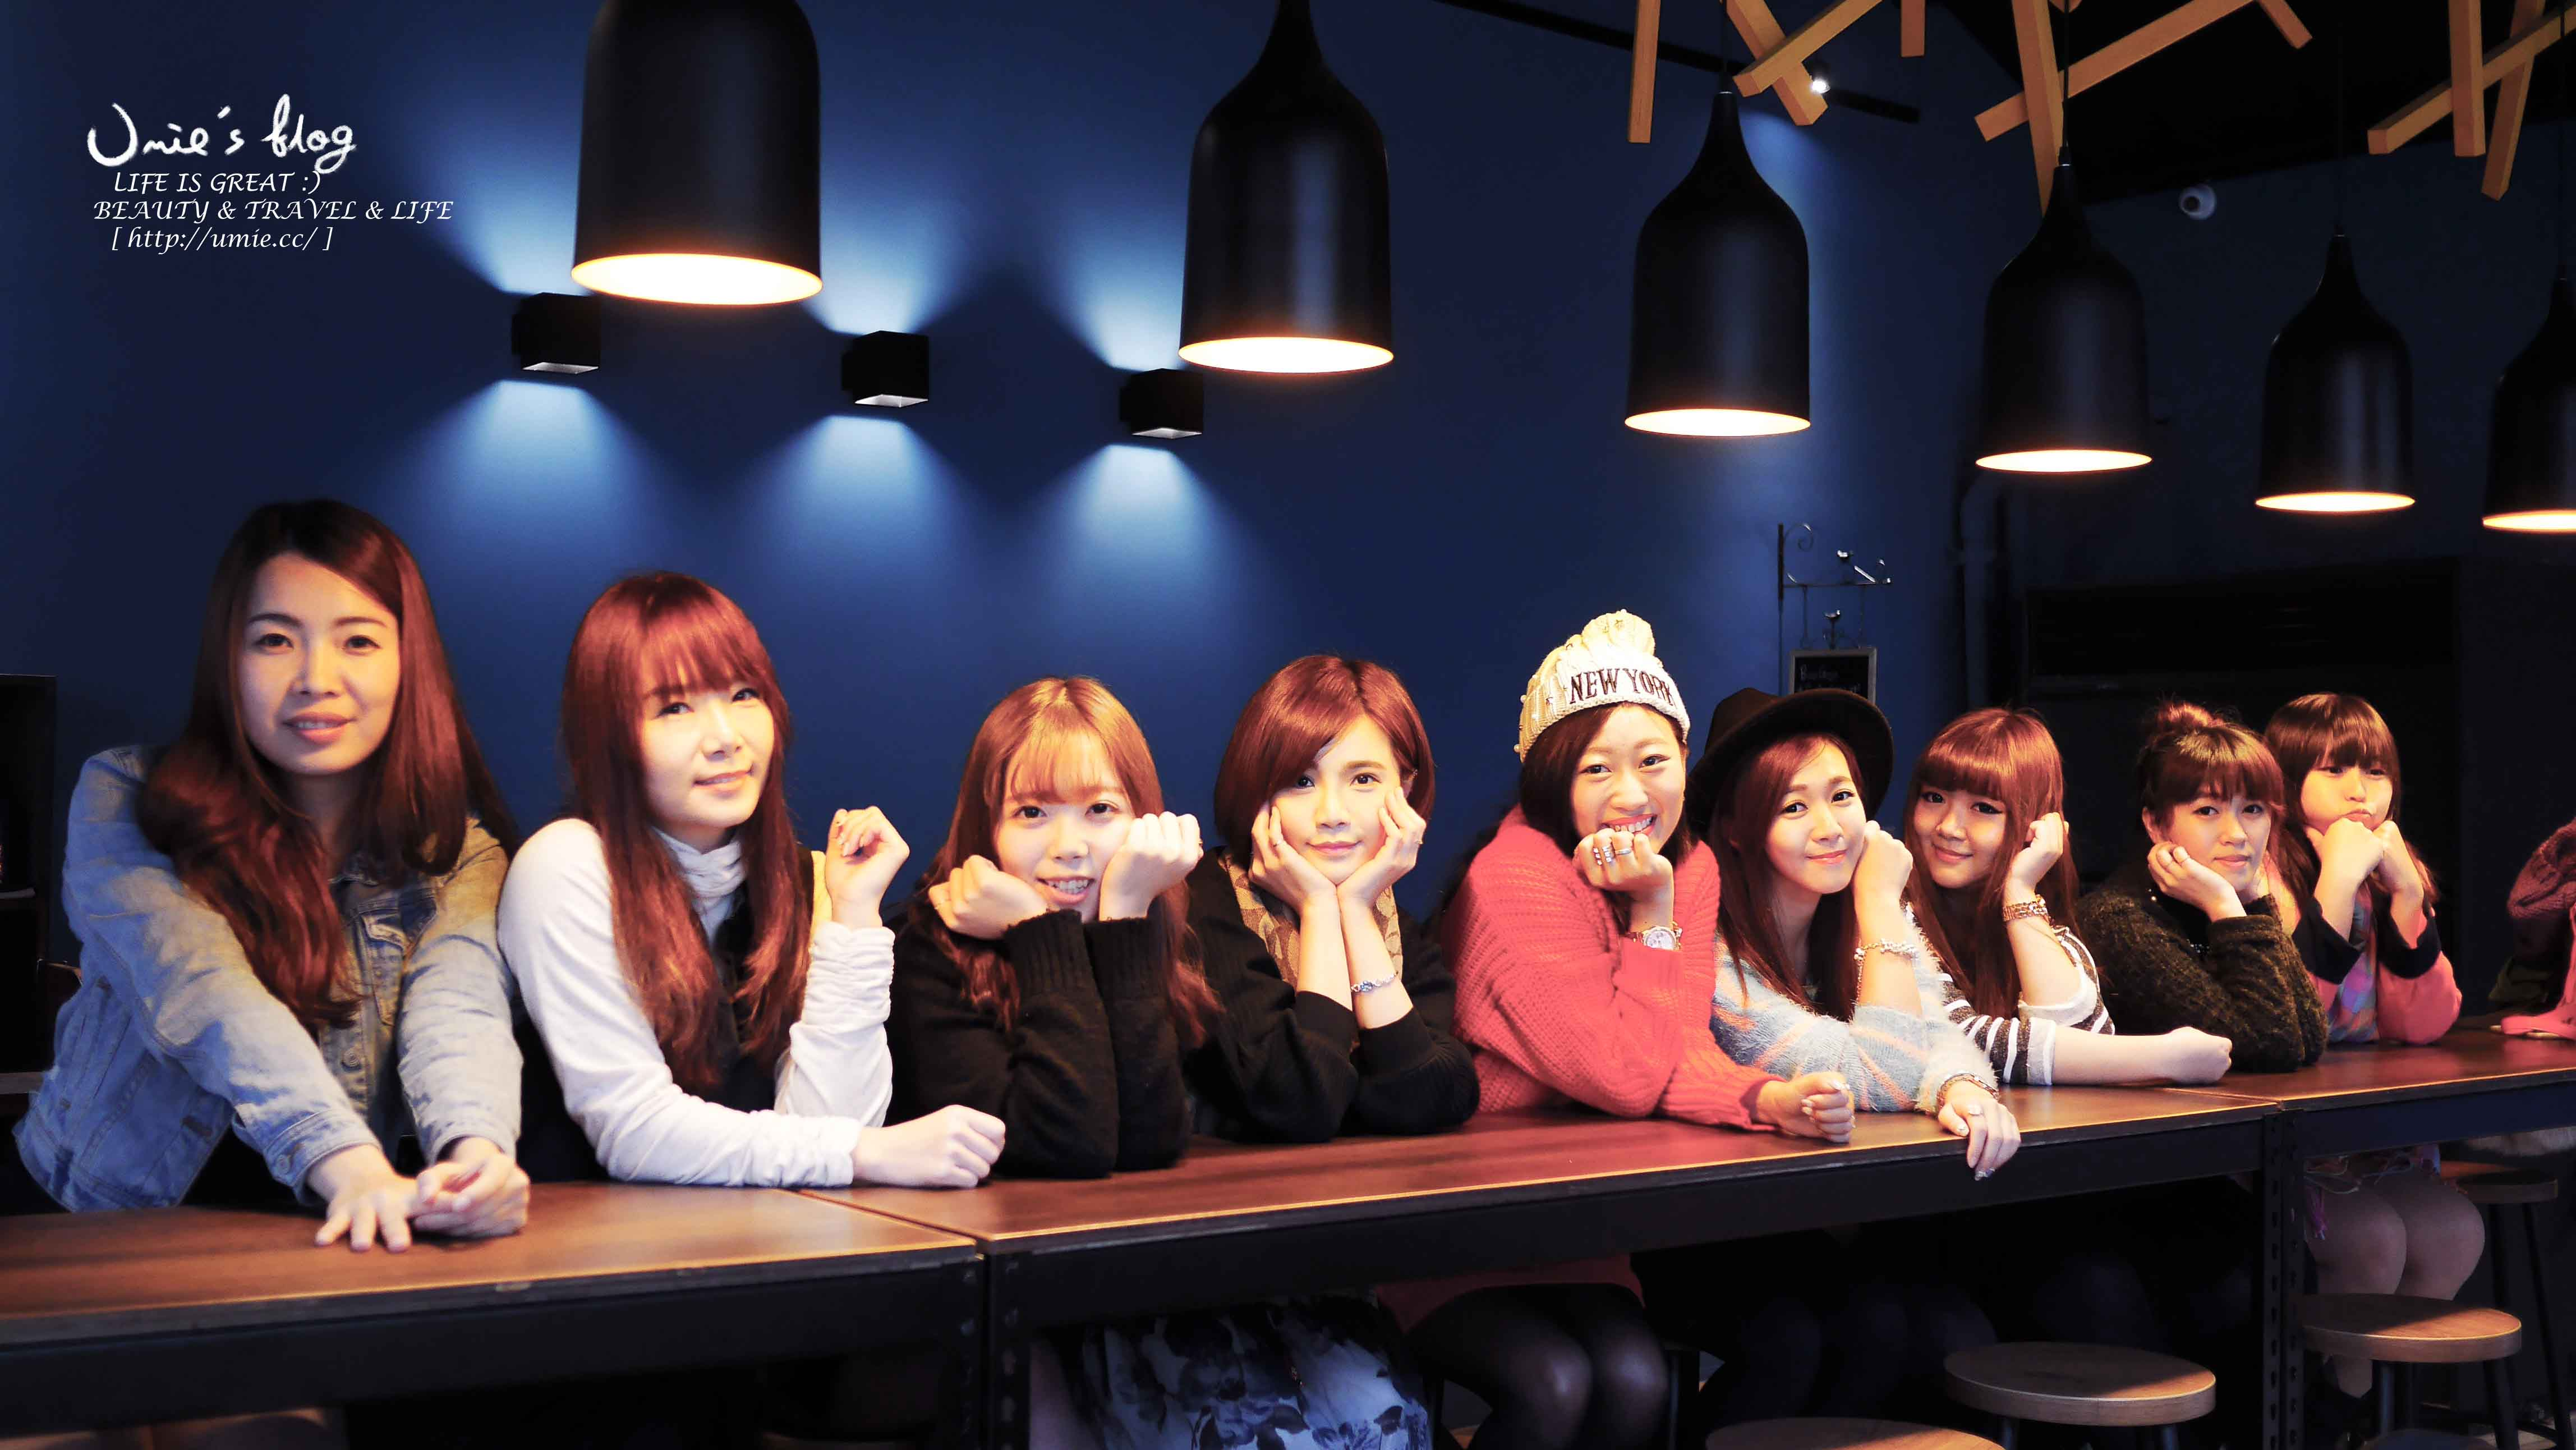 台北下午茶餐廳推薦(捷運南京復興站) BooGoo布咕 Cafe!玫瑰拿鐵、磅蛋糕必點 :)